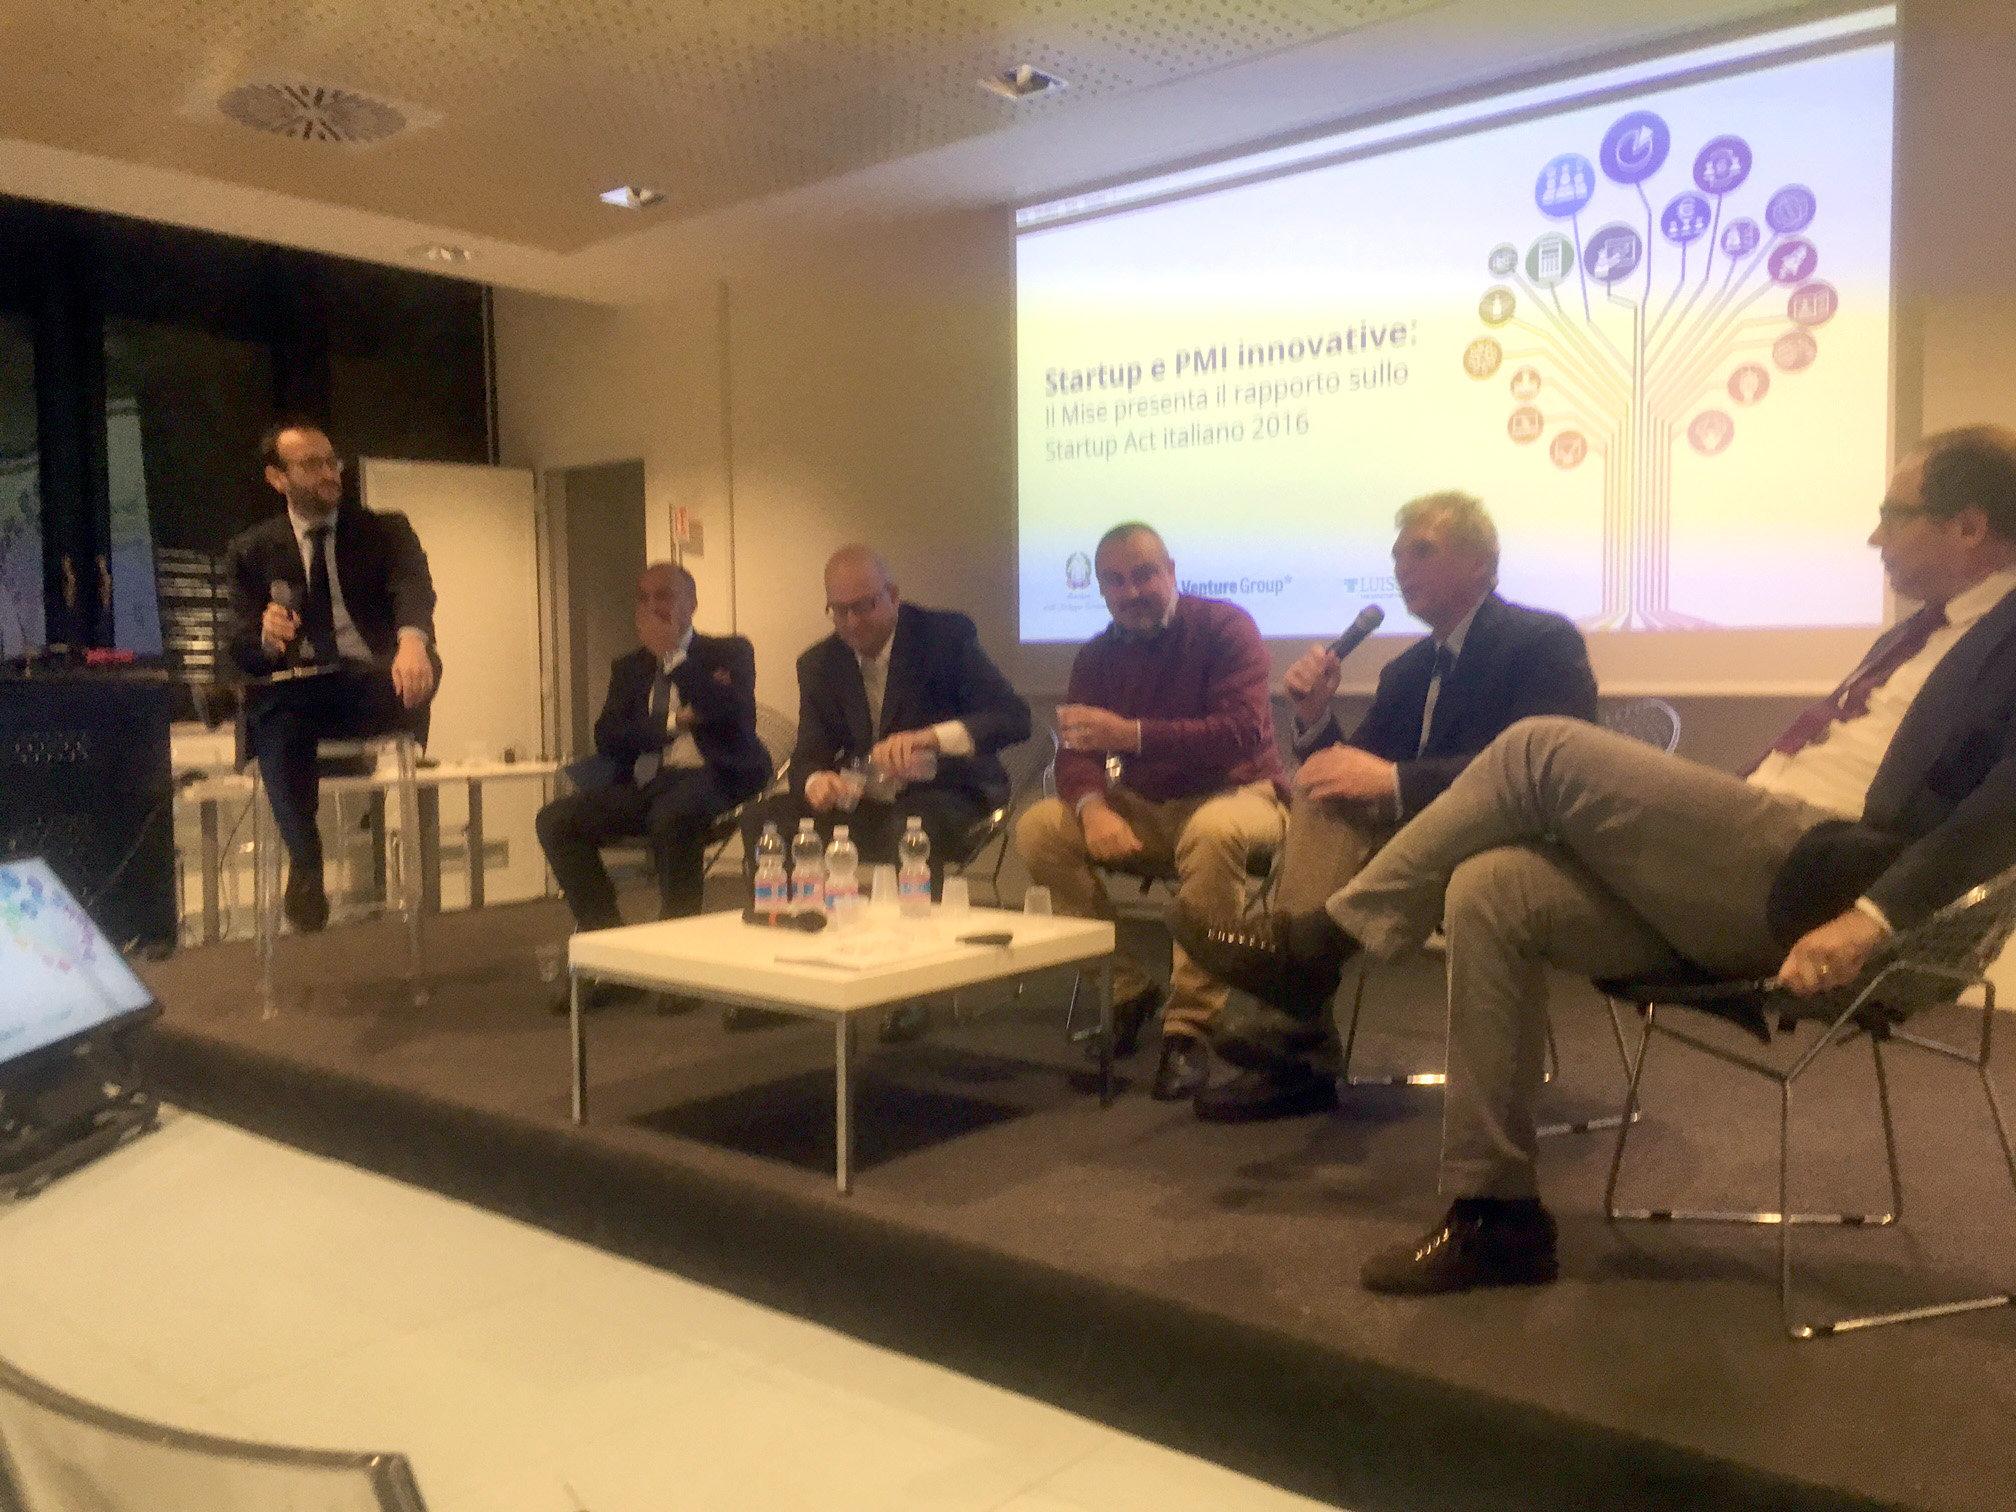 Nella foto, da sinistra: Claudio Cerasa, Carlo Mammola, Ernesto Ciorra, Marco Trombetti, Salvo Mizzi, Stefano Firpo